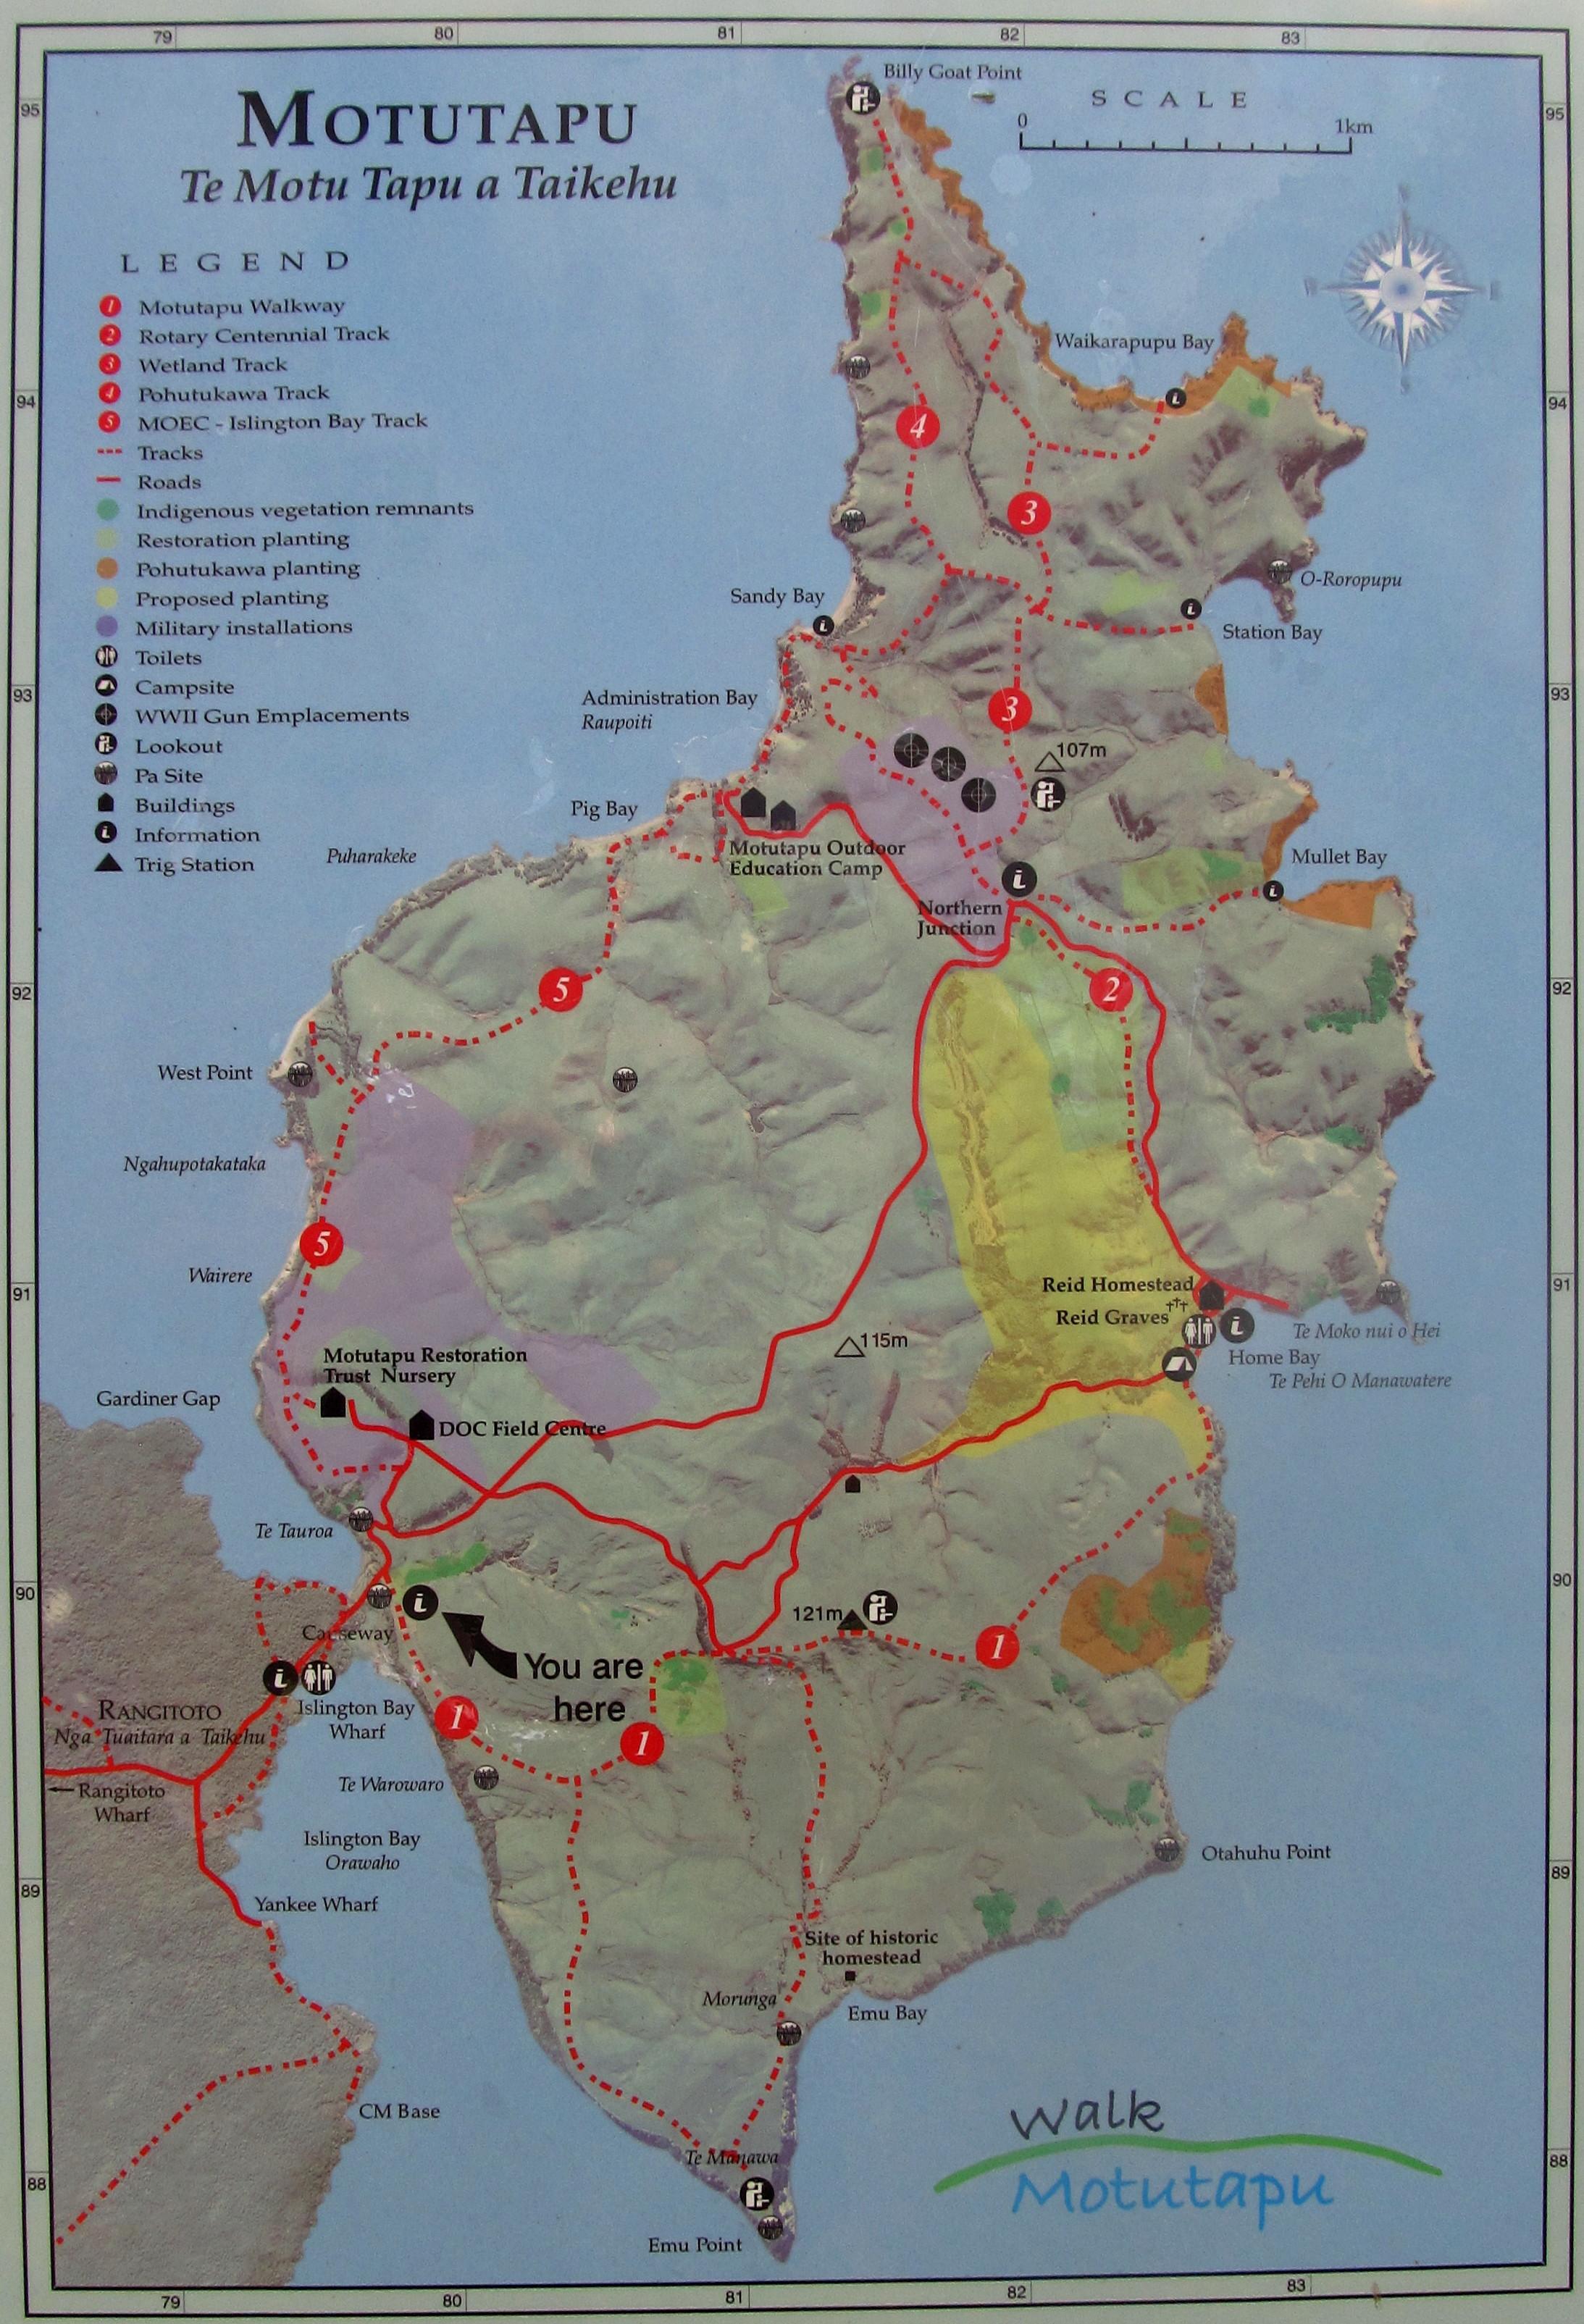 Motutapu Island Day Hike | Meetup